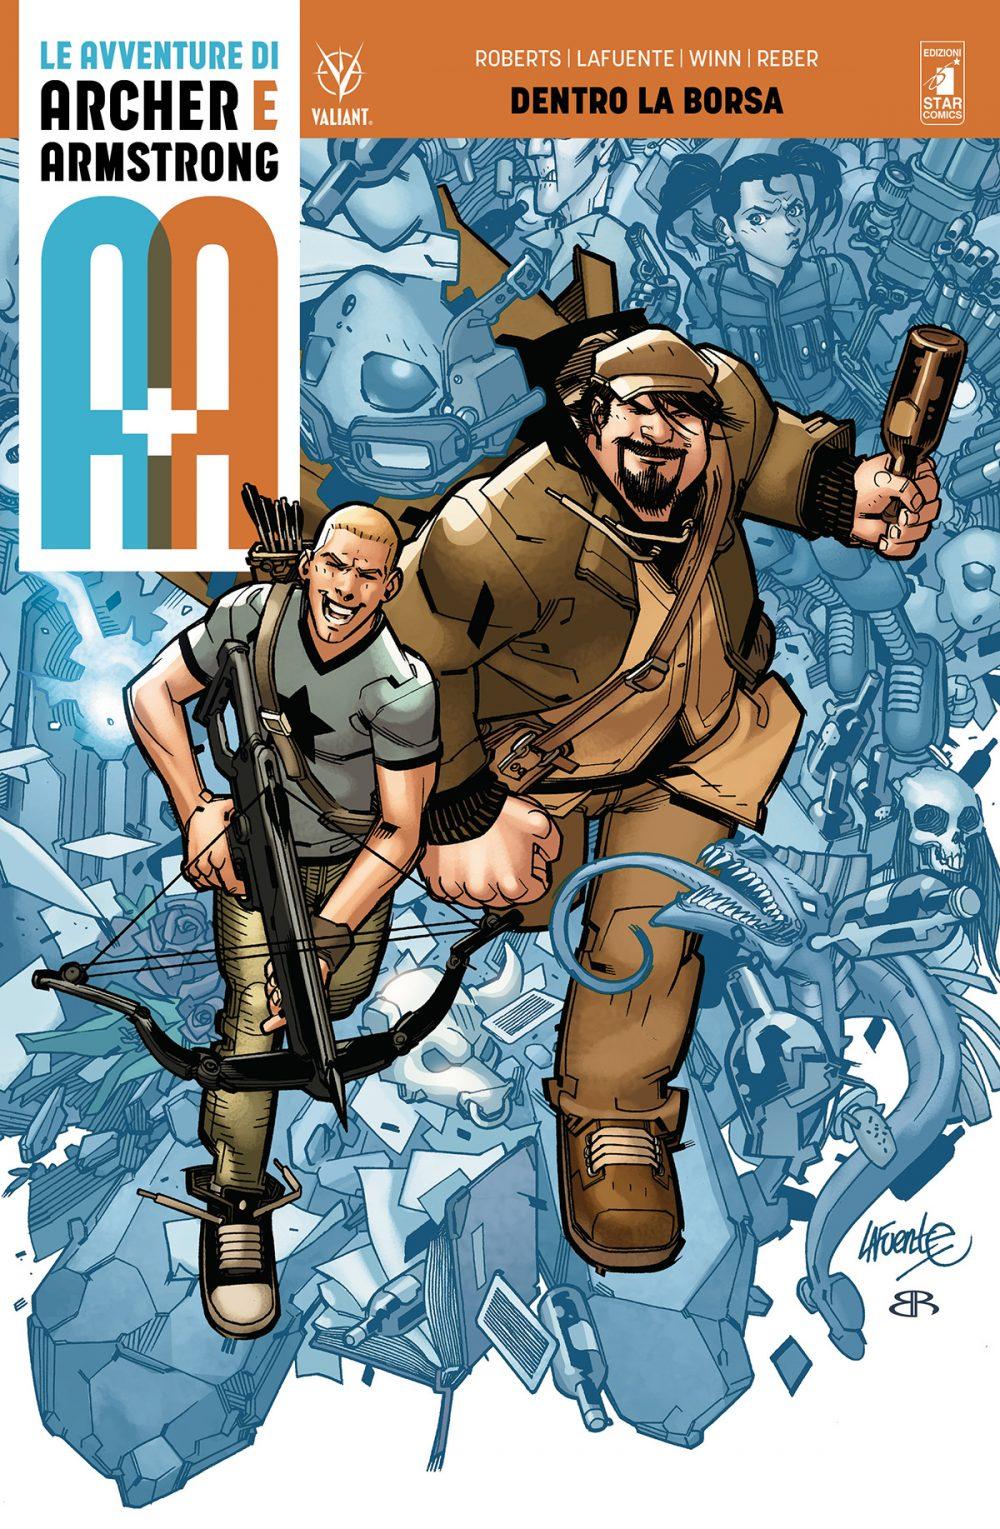 A+A - Le avventure di Archer e Armstrong vol. 1: Dentro la borsa, copertina di David Lafuente